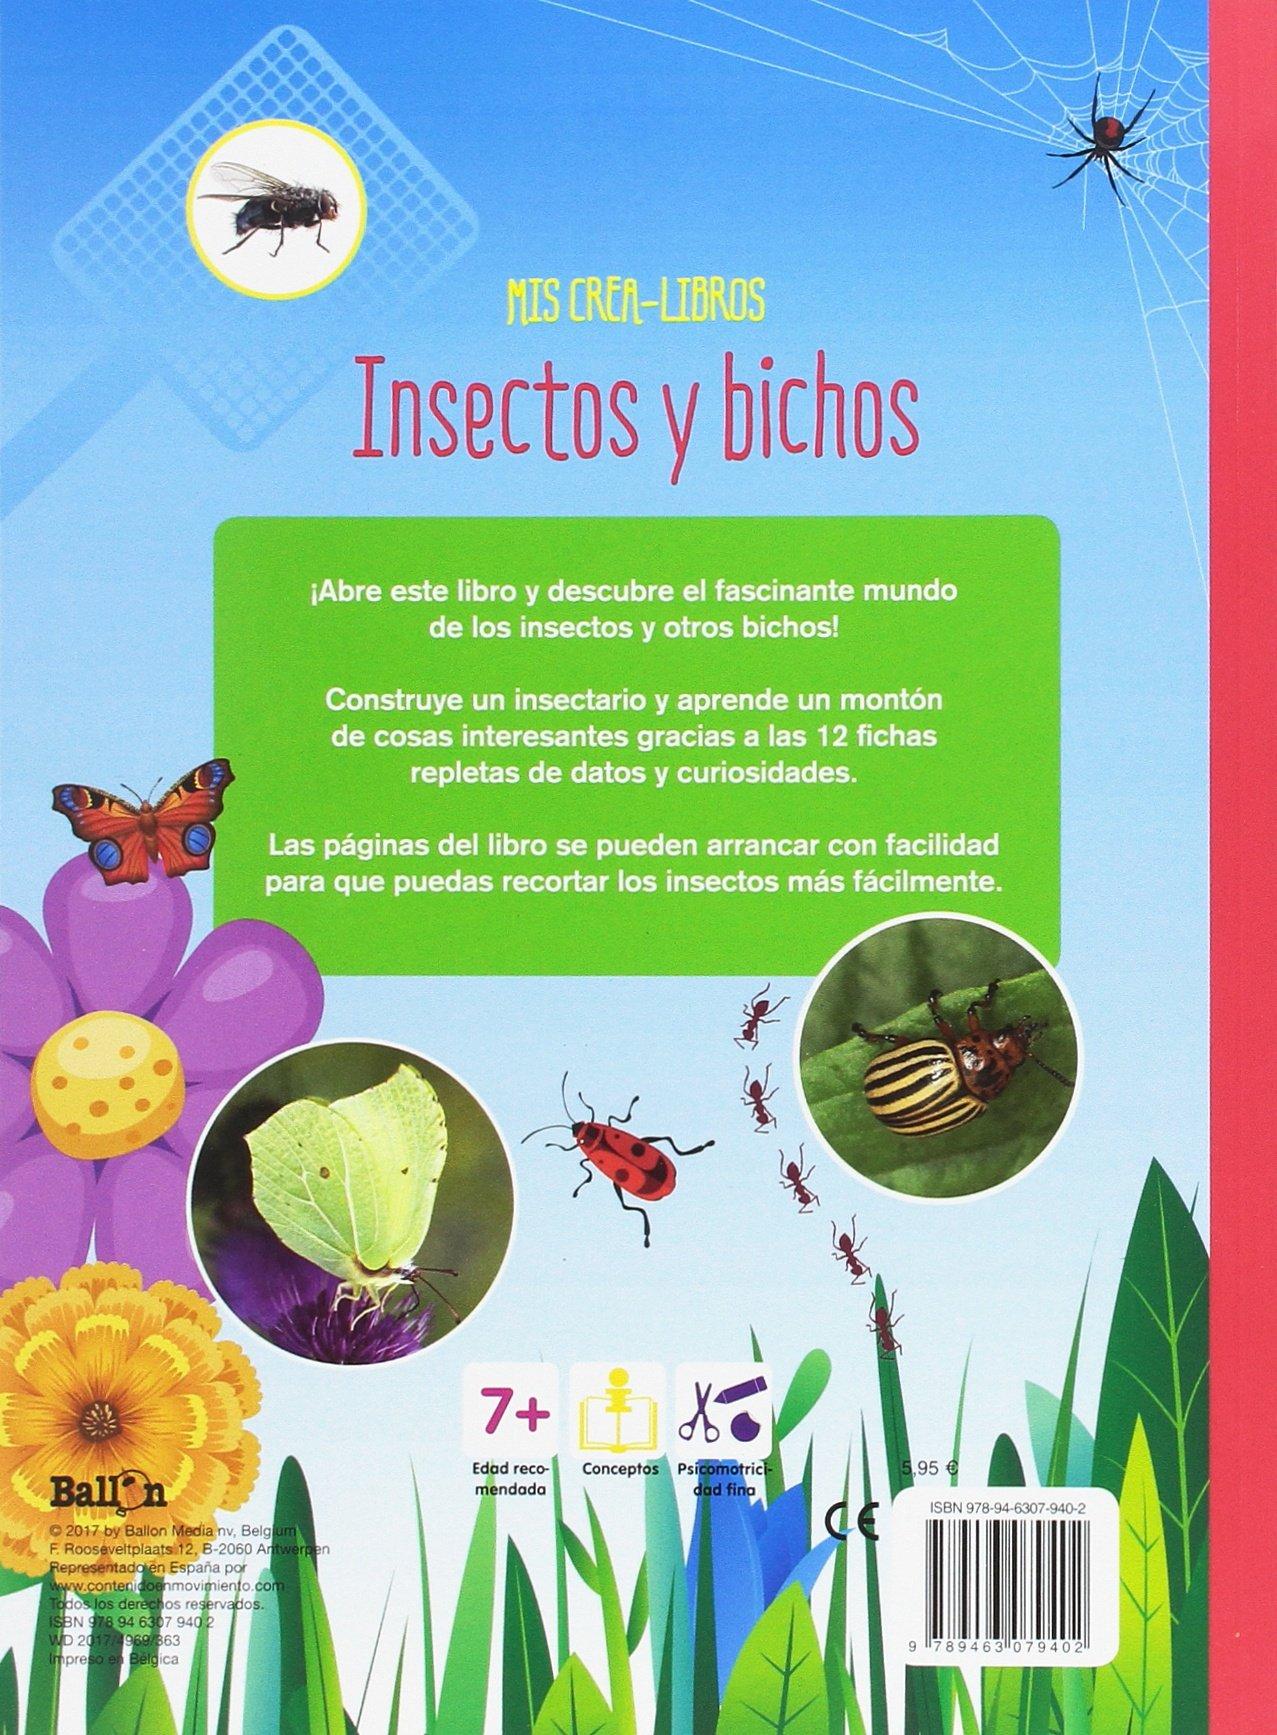 Insectos y bichos (Mis crea-libros): Amazon.es: Ballon, Ballon, Codina Stein, Teresa: Libros